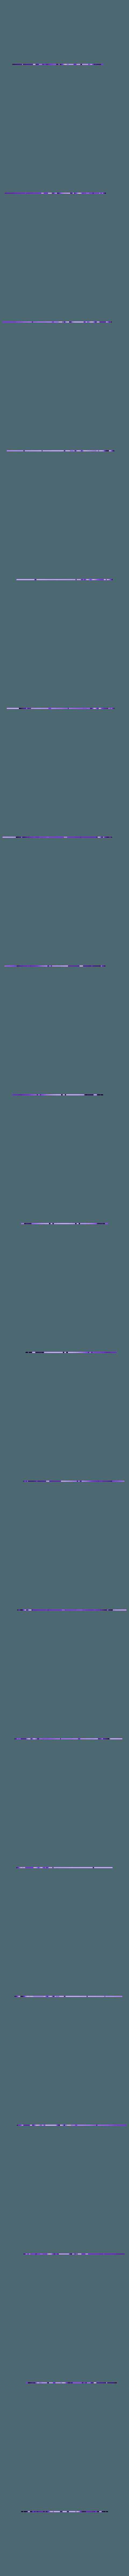 SILVER.stl Télécharger fichier STL gratuit Insigne du Seigneur des Étoiles • Modèle pour impression 3D, 3Dimpact